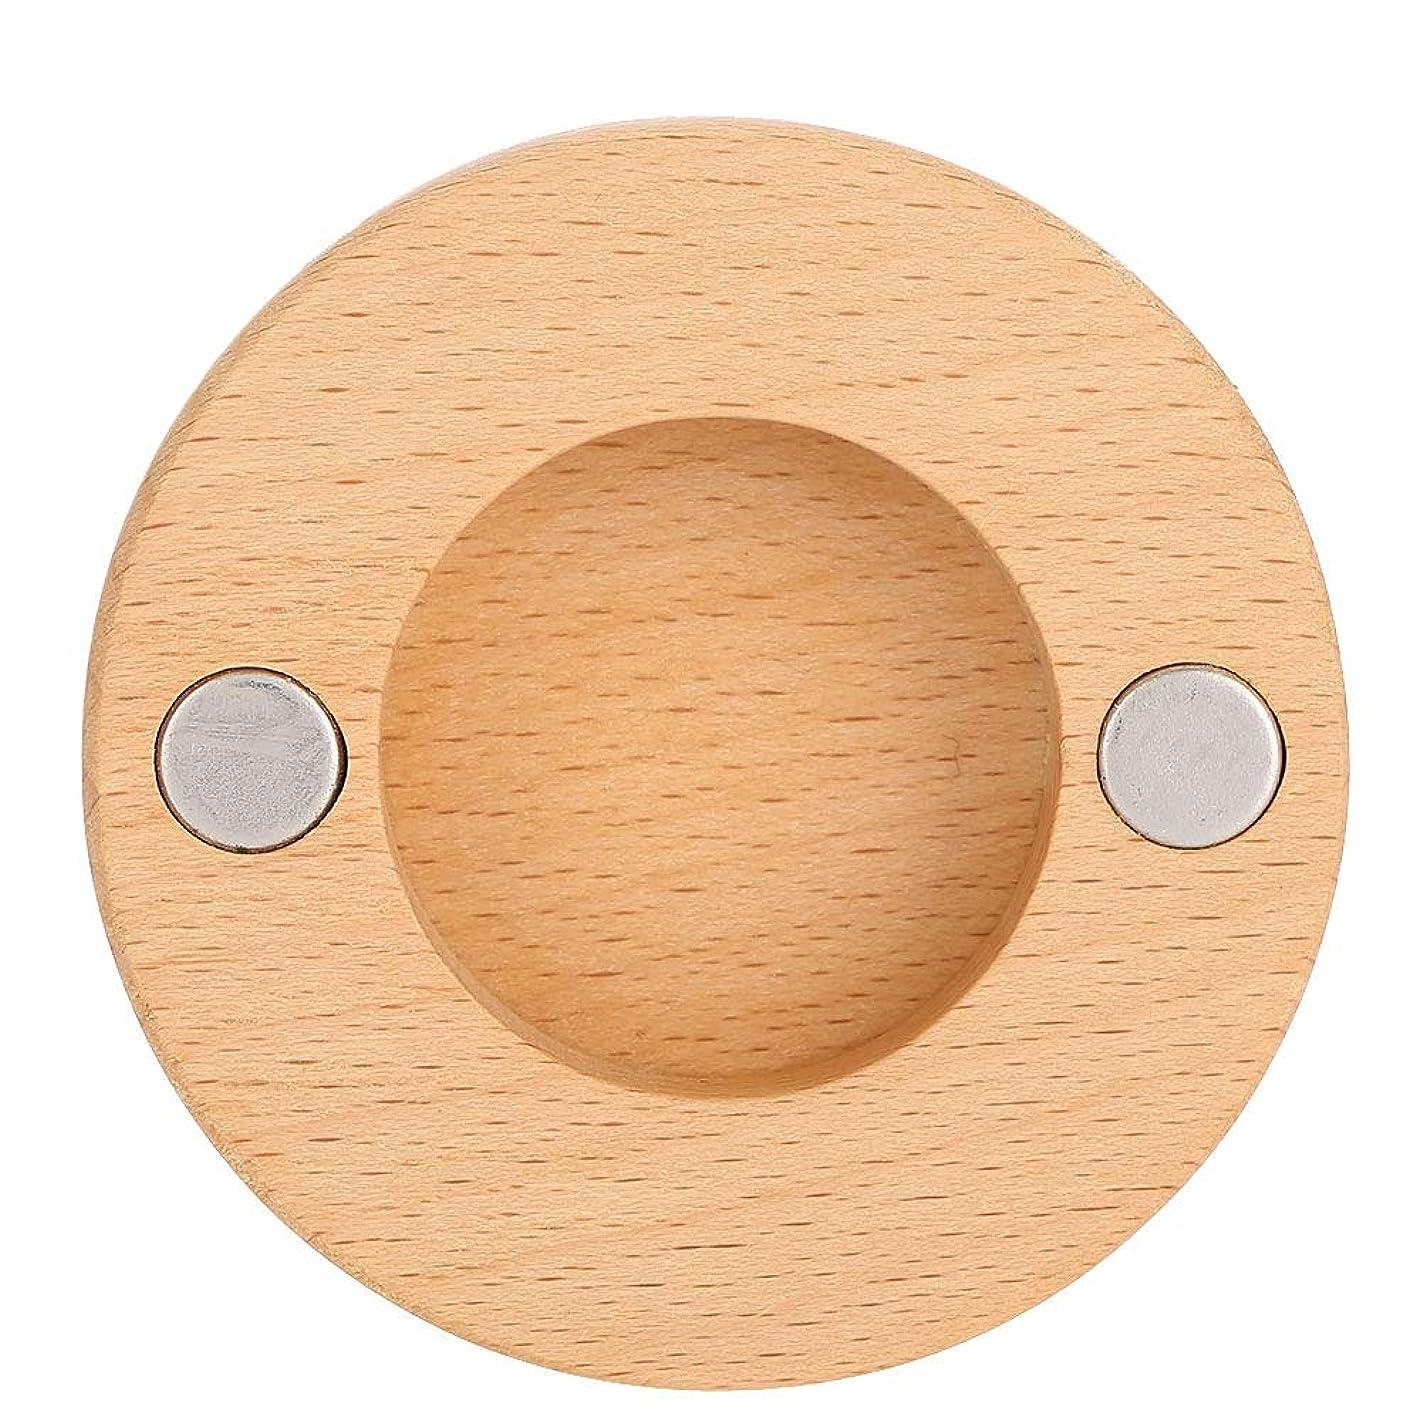 純粋に可動セクションヘアドライヤーノズルブラケット、ネジと接着剤が付いているブナの木の壁の台紙のホールダーは用具を浴室をきれいに保ちます、ドライヤーのダイソンのための付属品の付属品